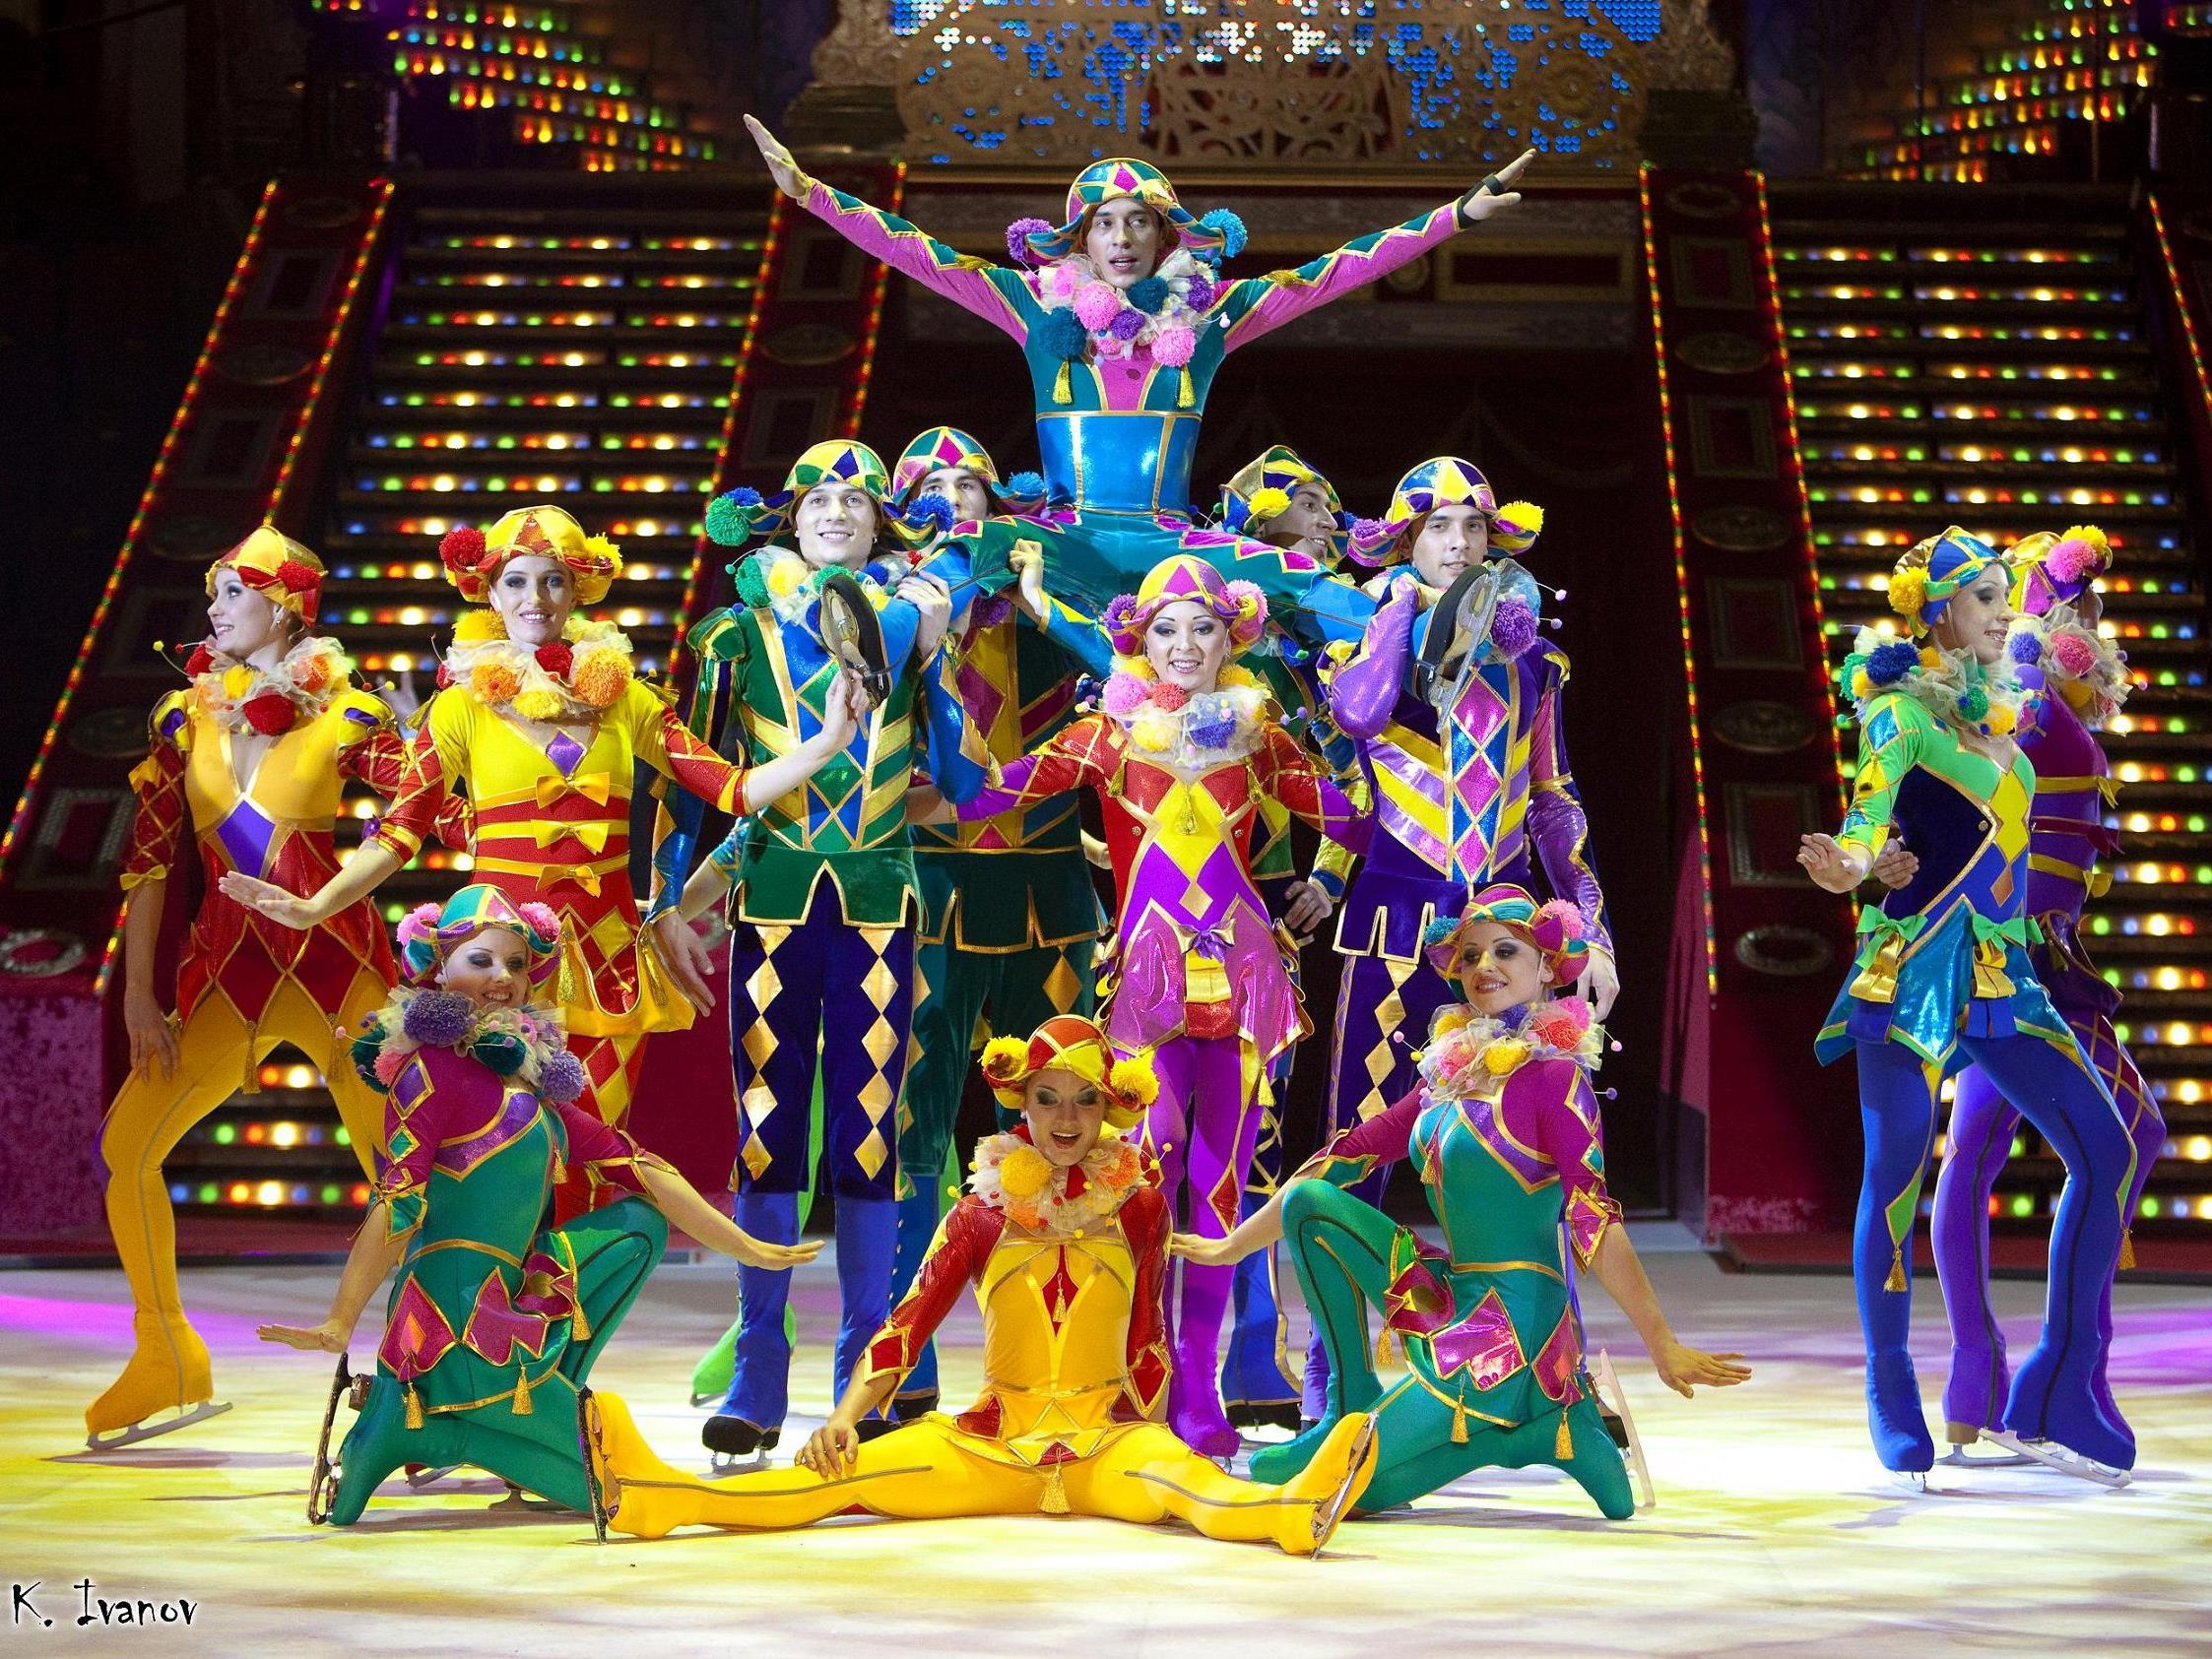 Am 4. Jänner wird der Nikulin-Zirkus die Besucher in Dornbirn verzaubern.